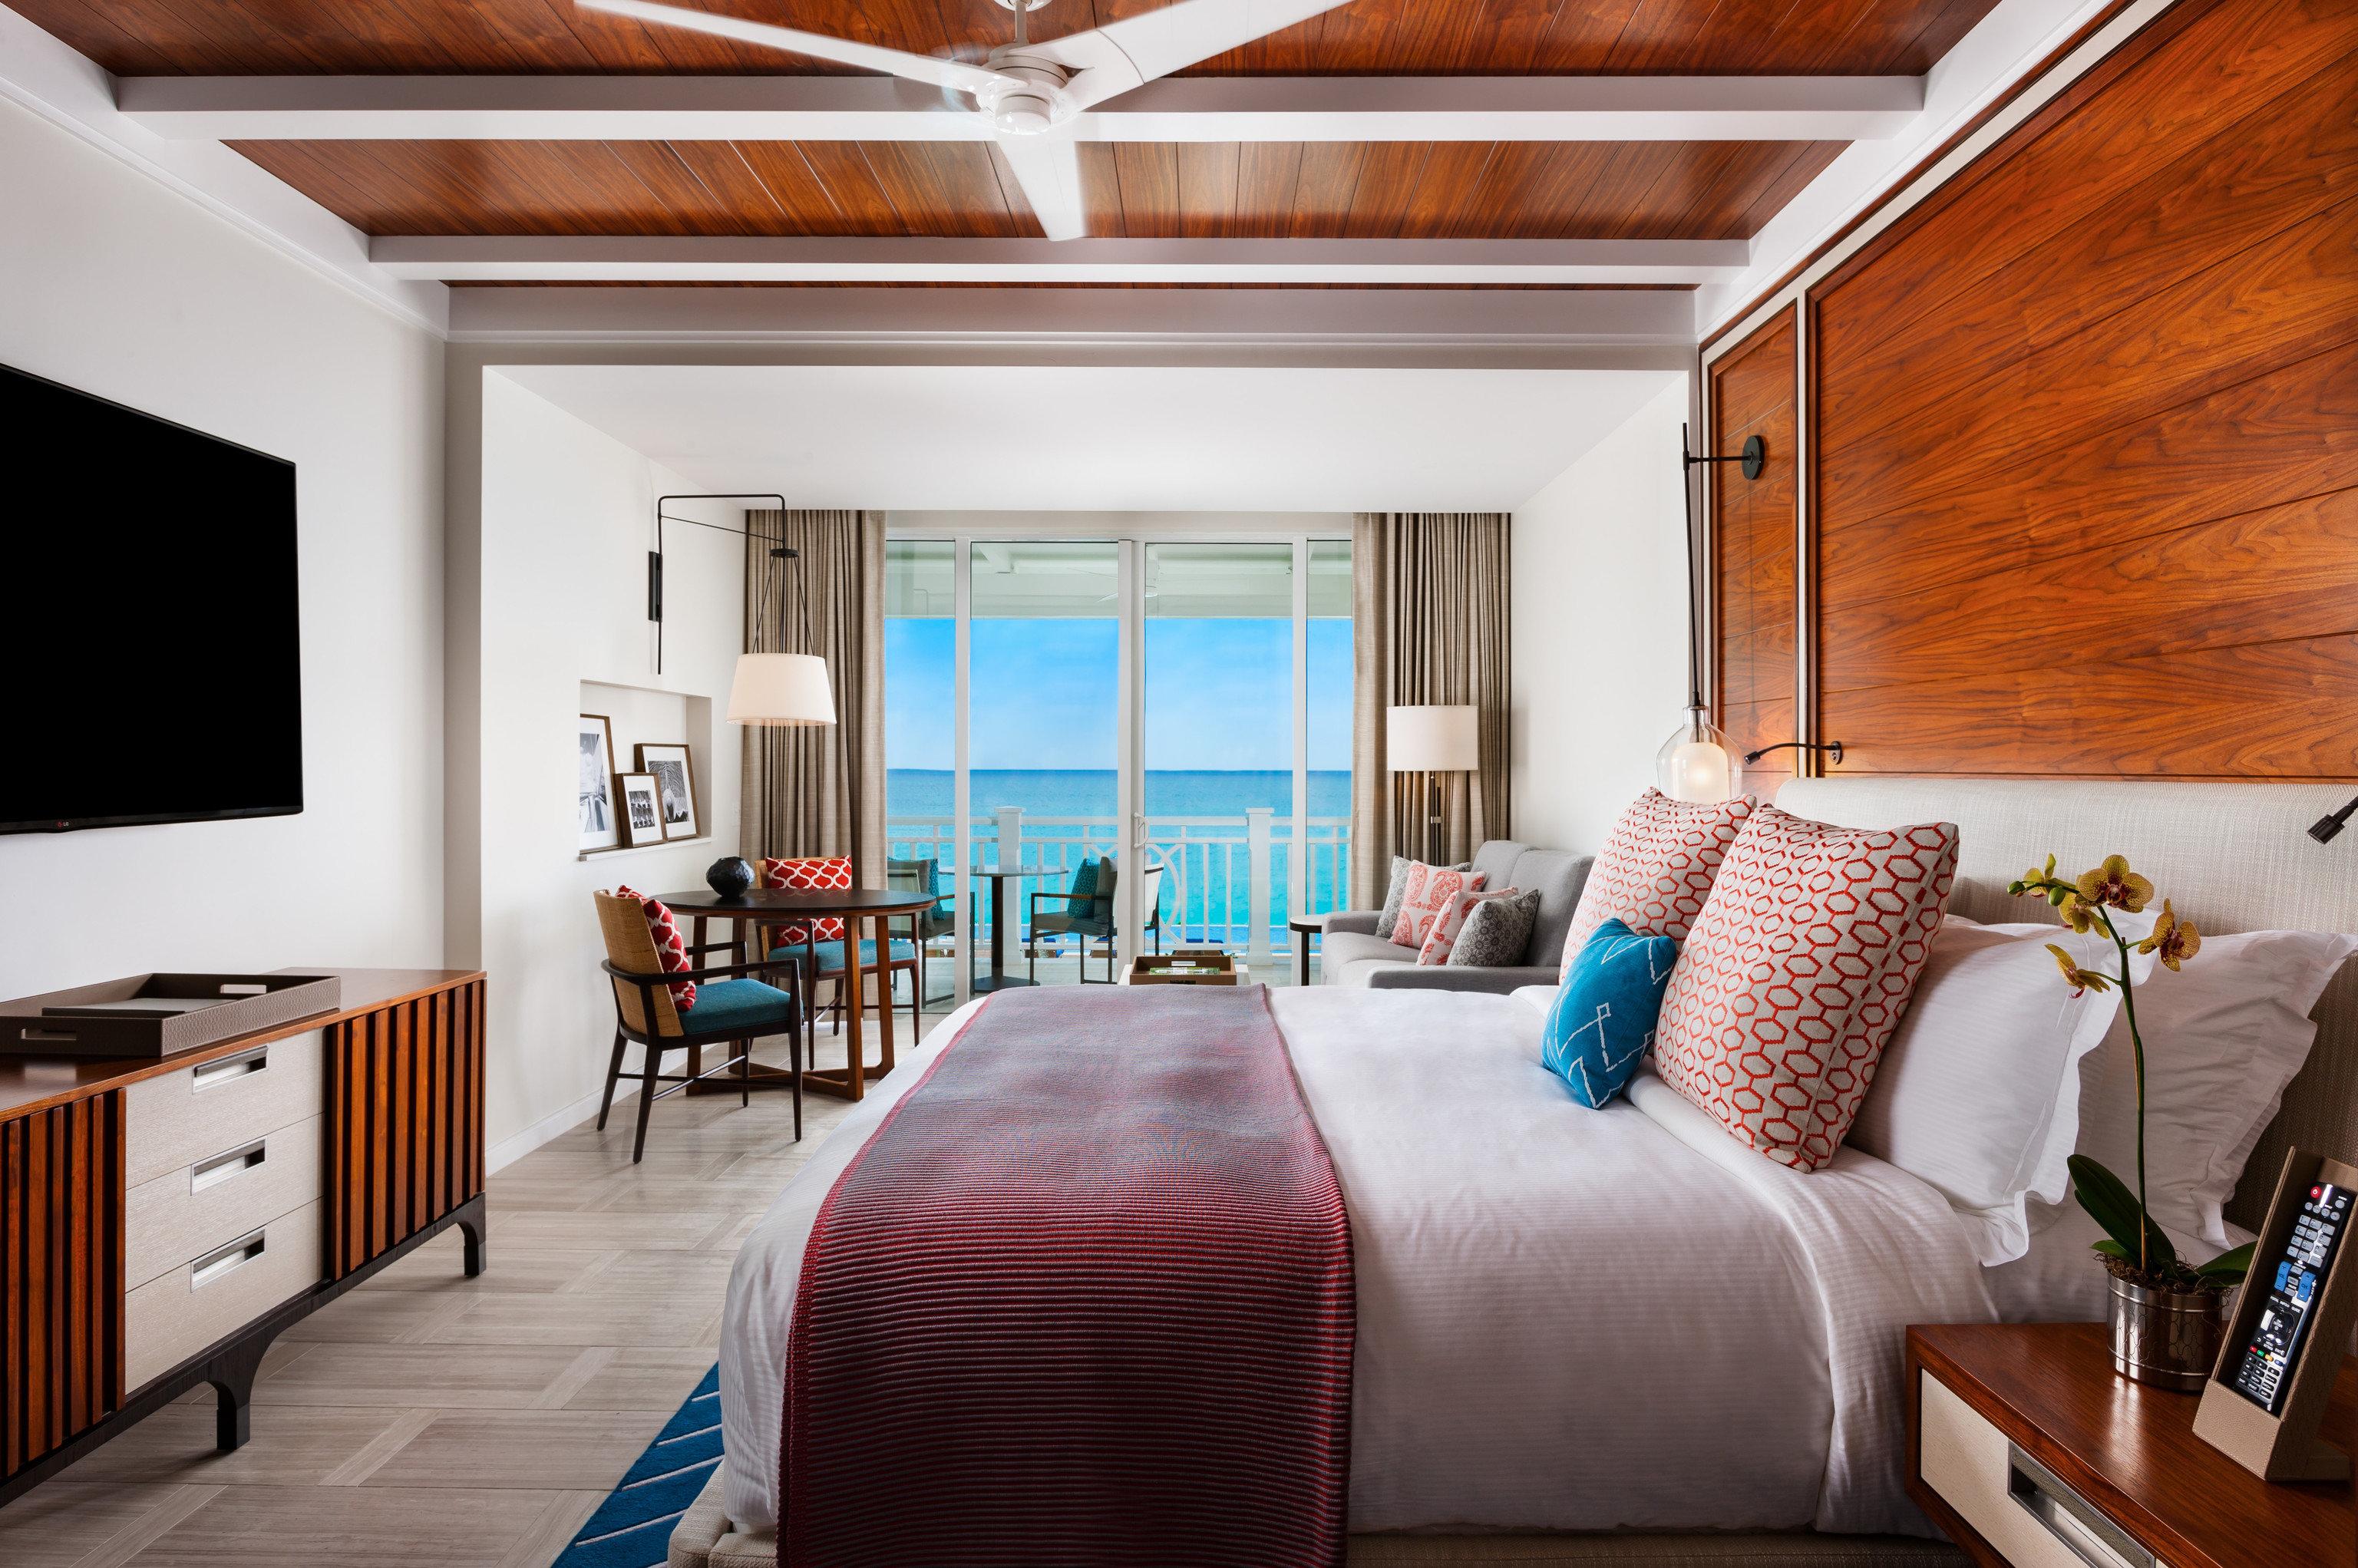 Hotels sofa property living room home Bedroom Suite cottage Villa flat